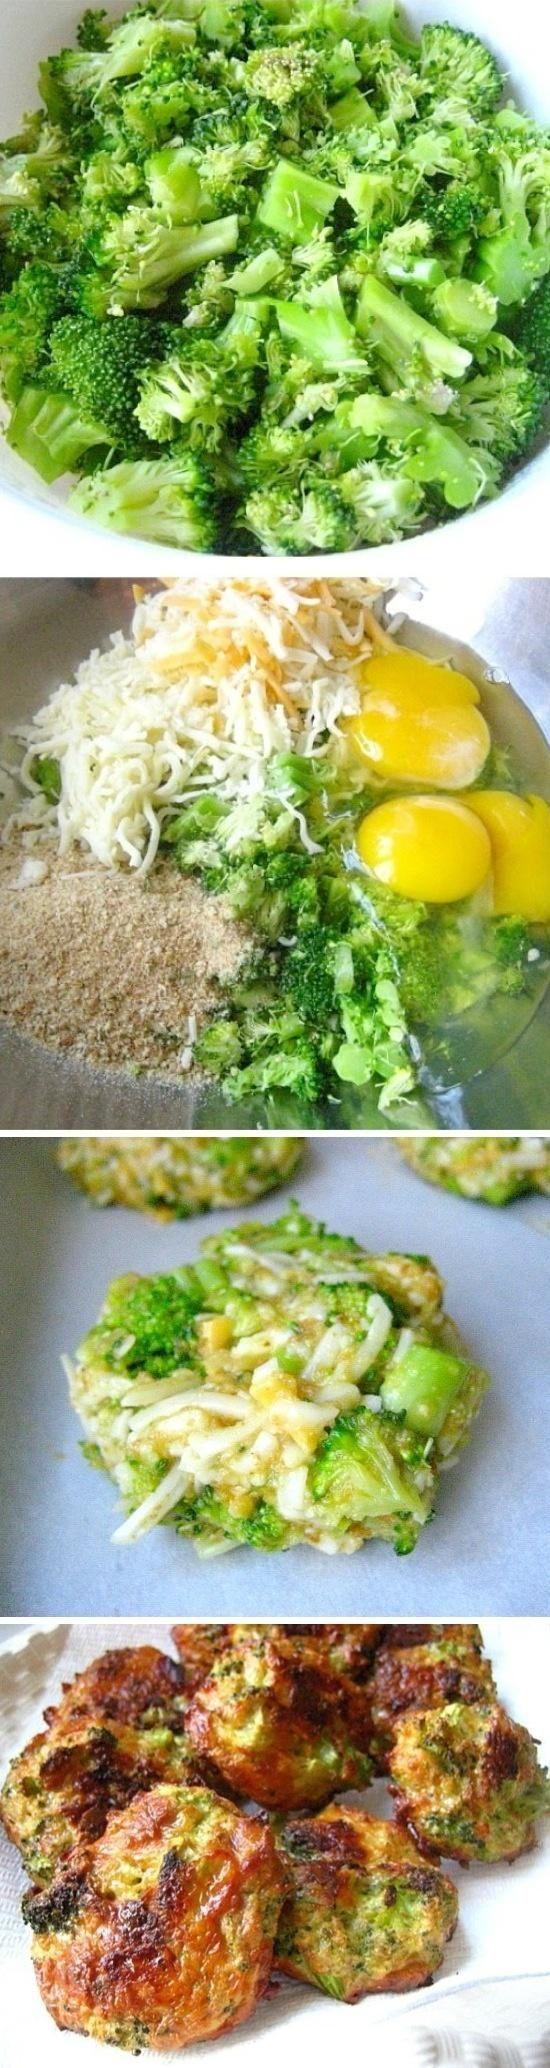 [Receta] Aprende a hacer Bocados de queso y brócoli, fáciles y saludables (vía www.tipsnutritivo...